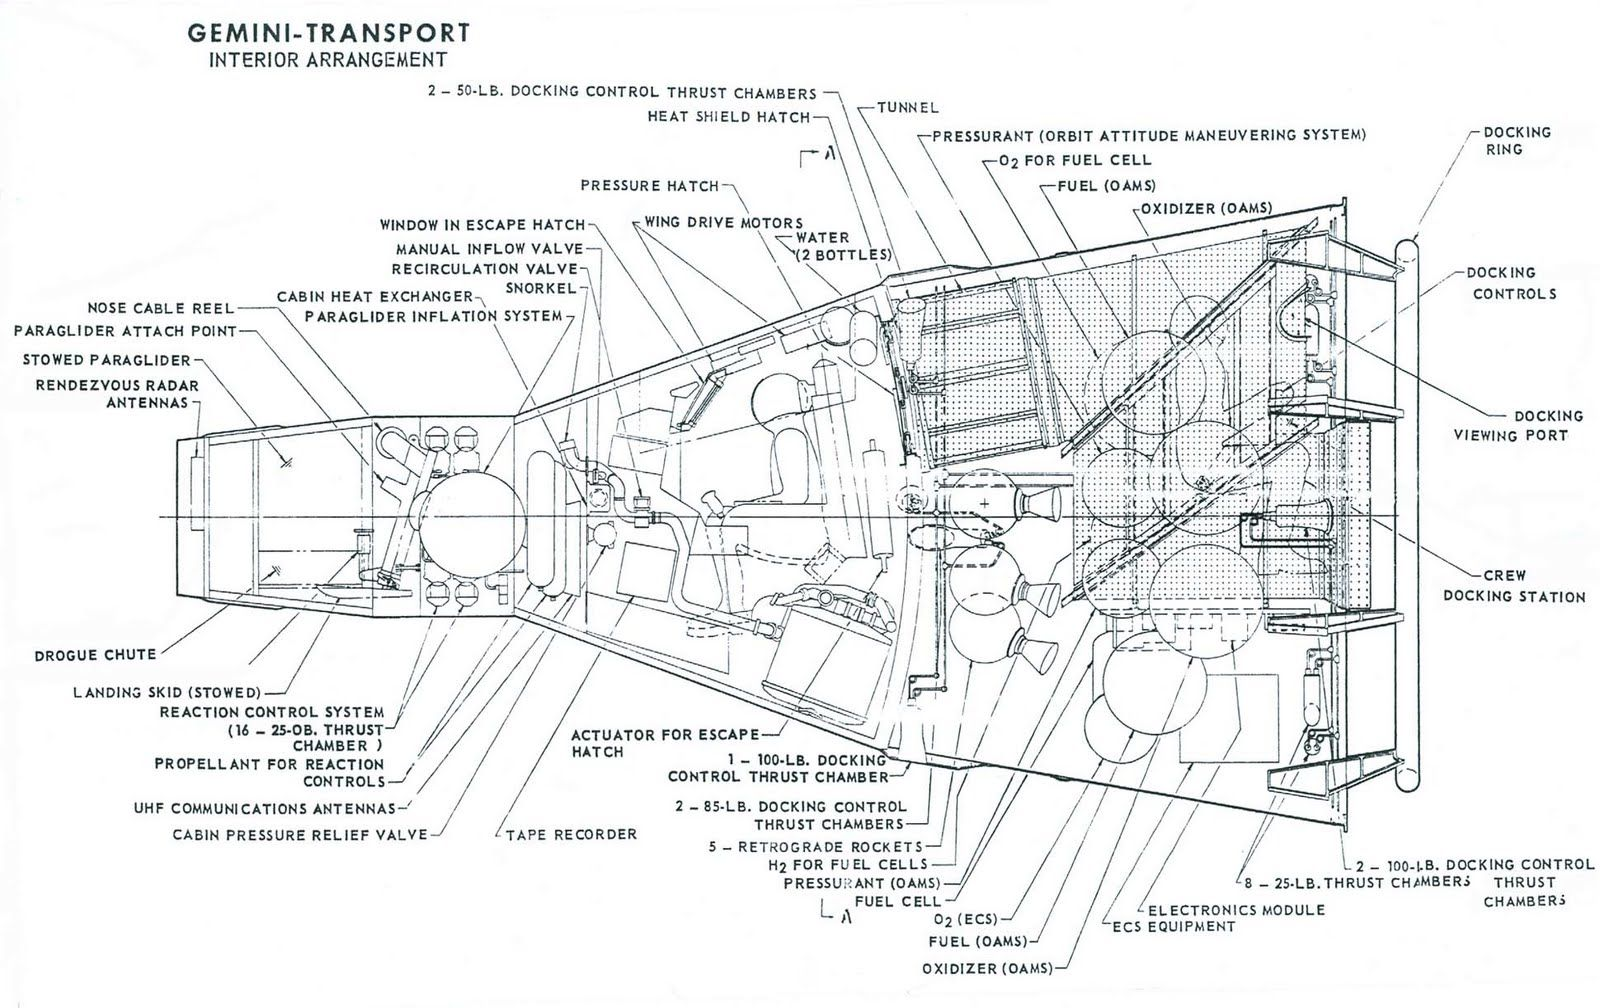 Esa Spaceship Design Page 4